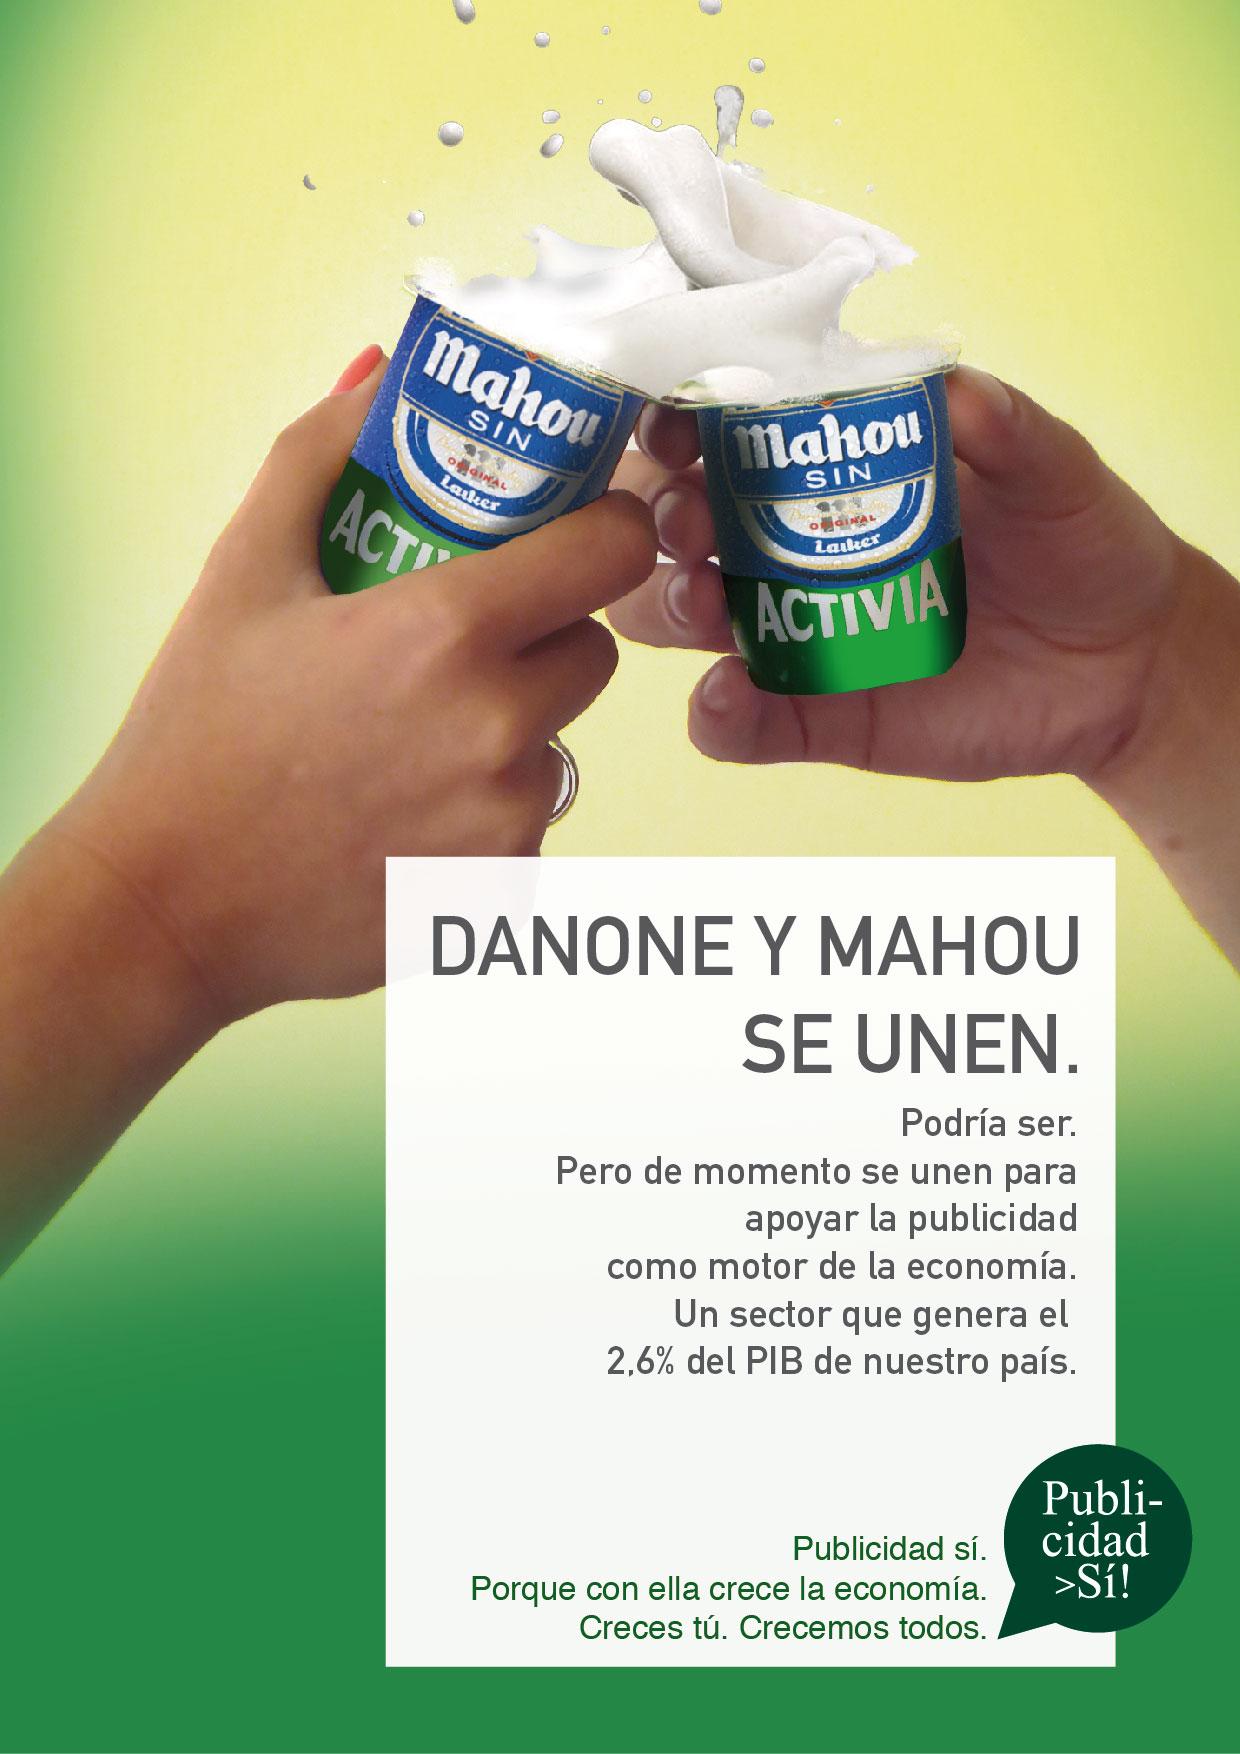 Spanische Werbung